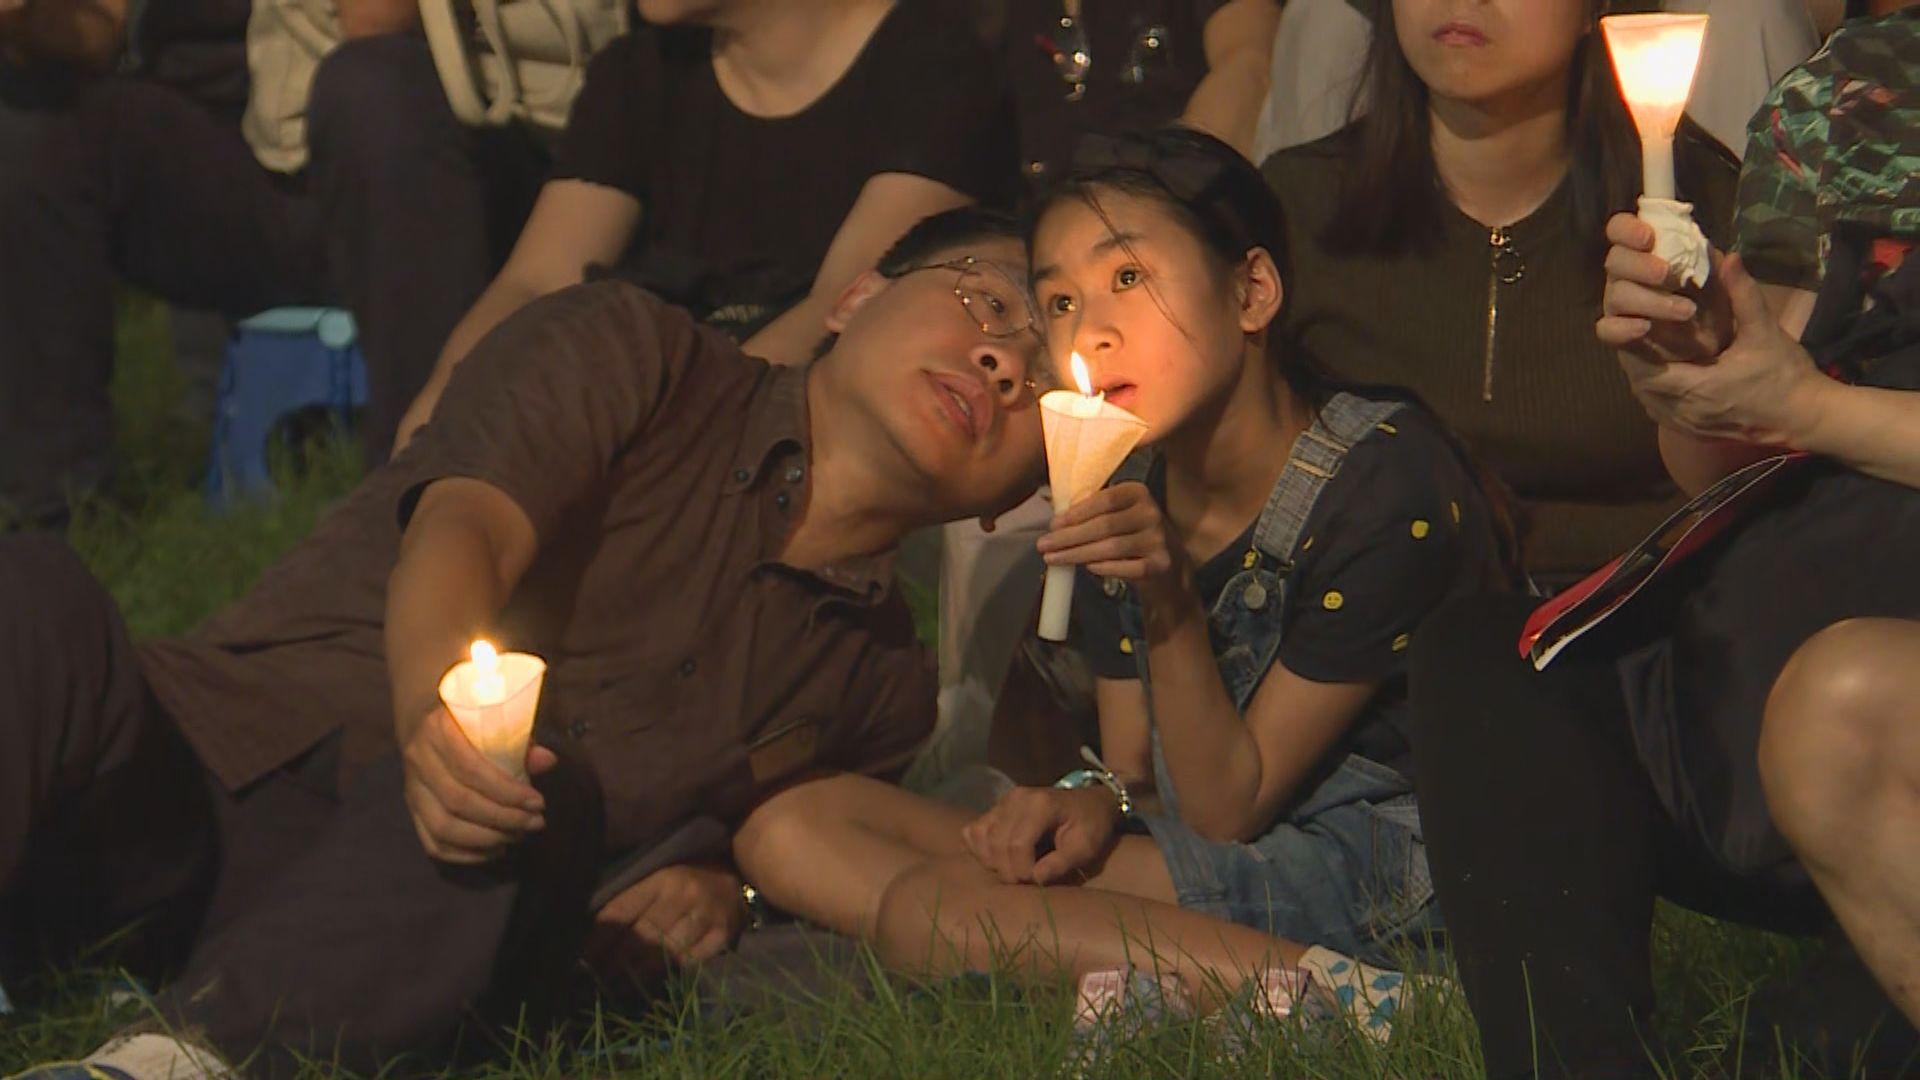 【六四晚會】有市民帶同下一代出席:公義仍未彰顯